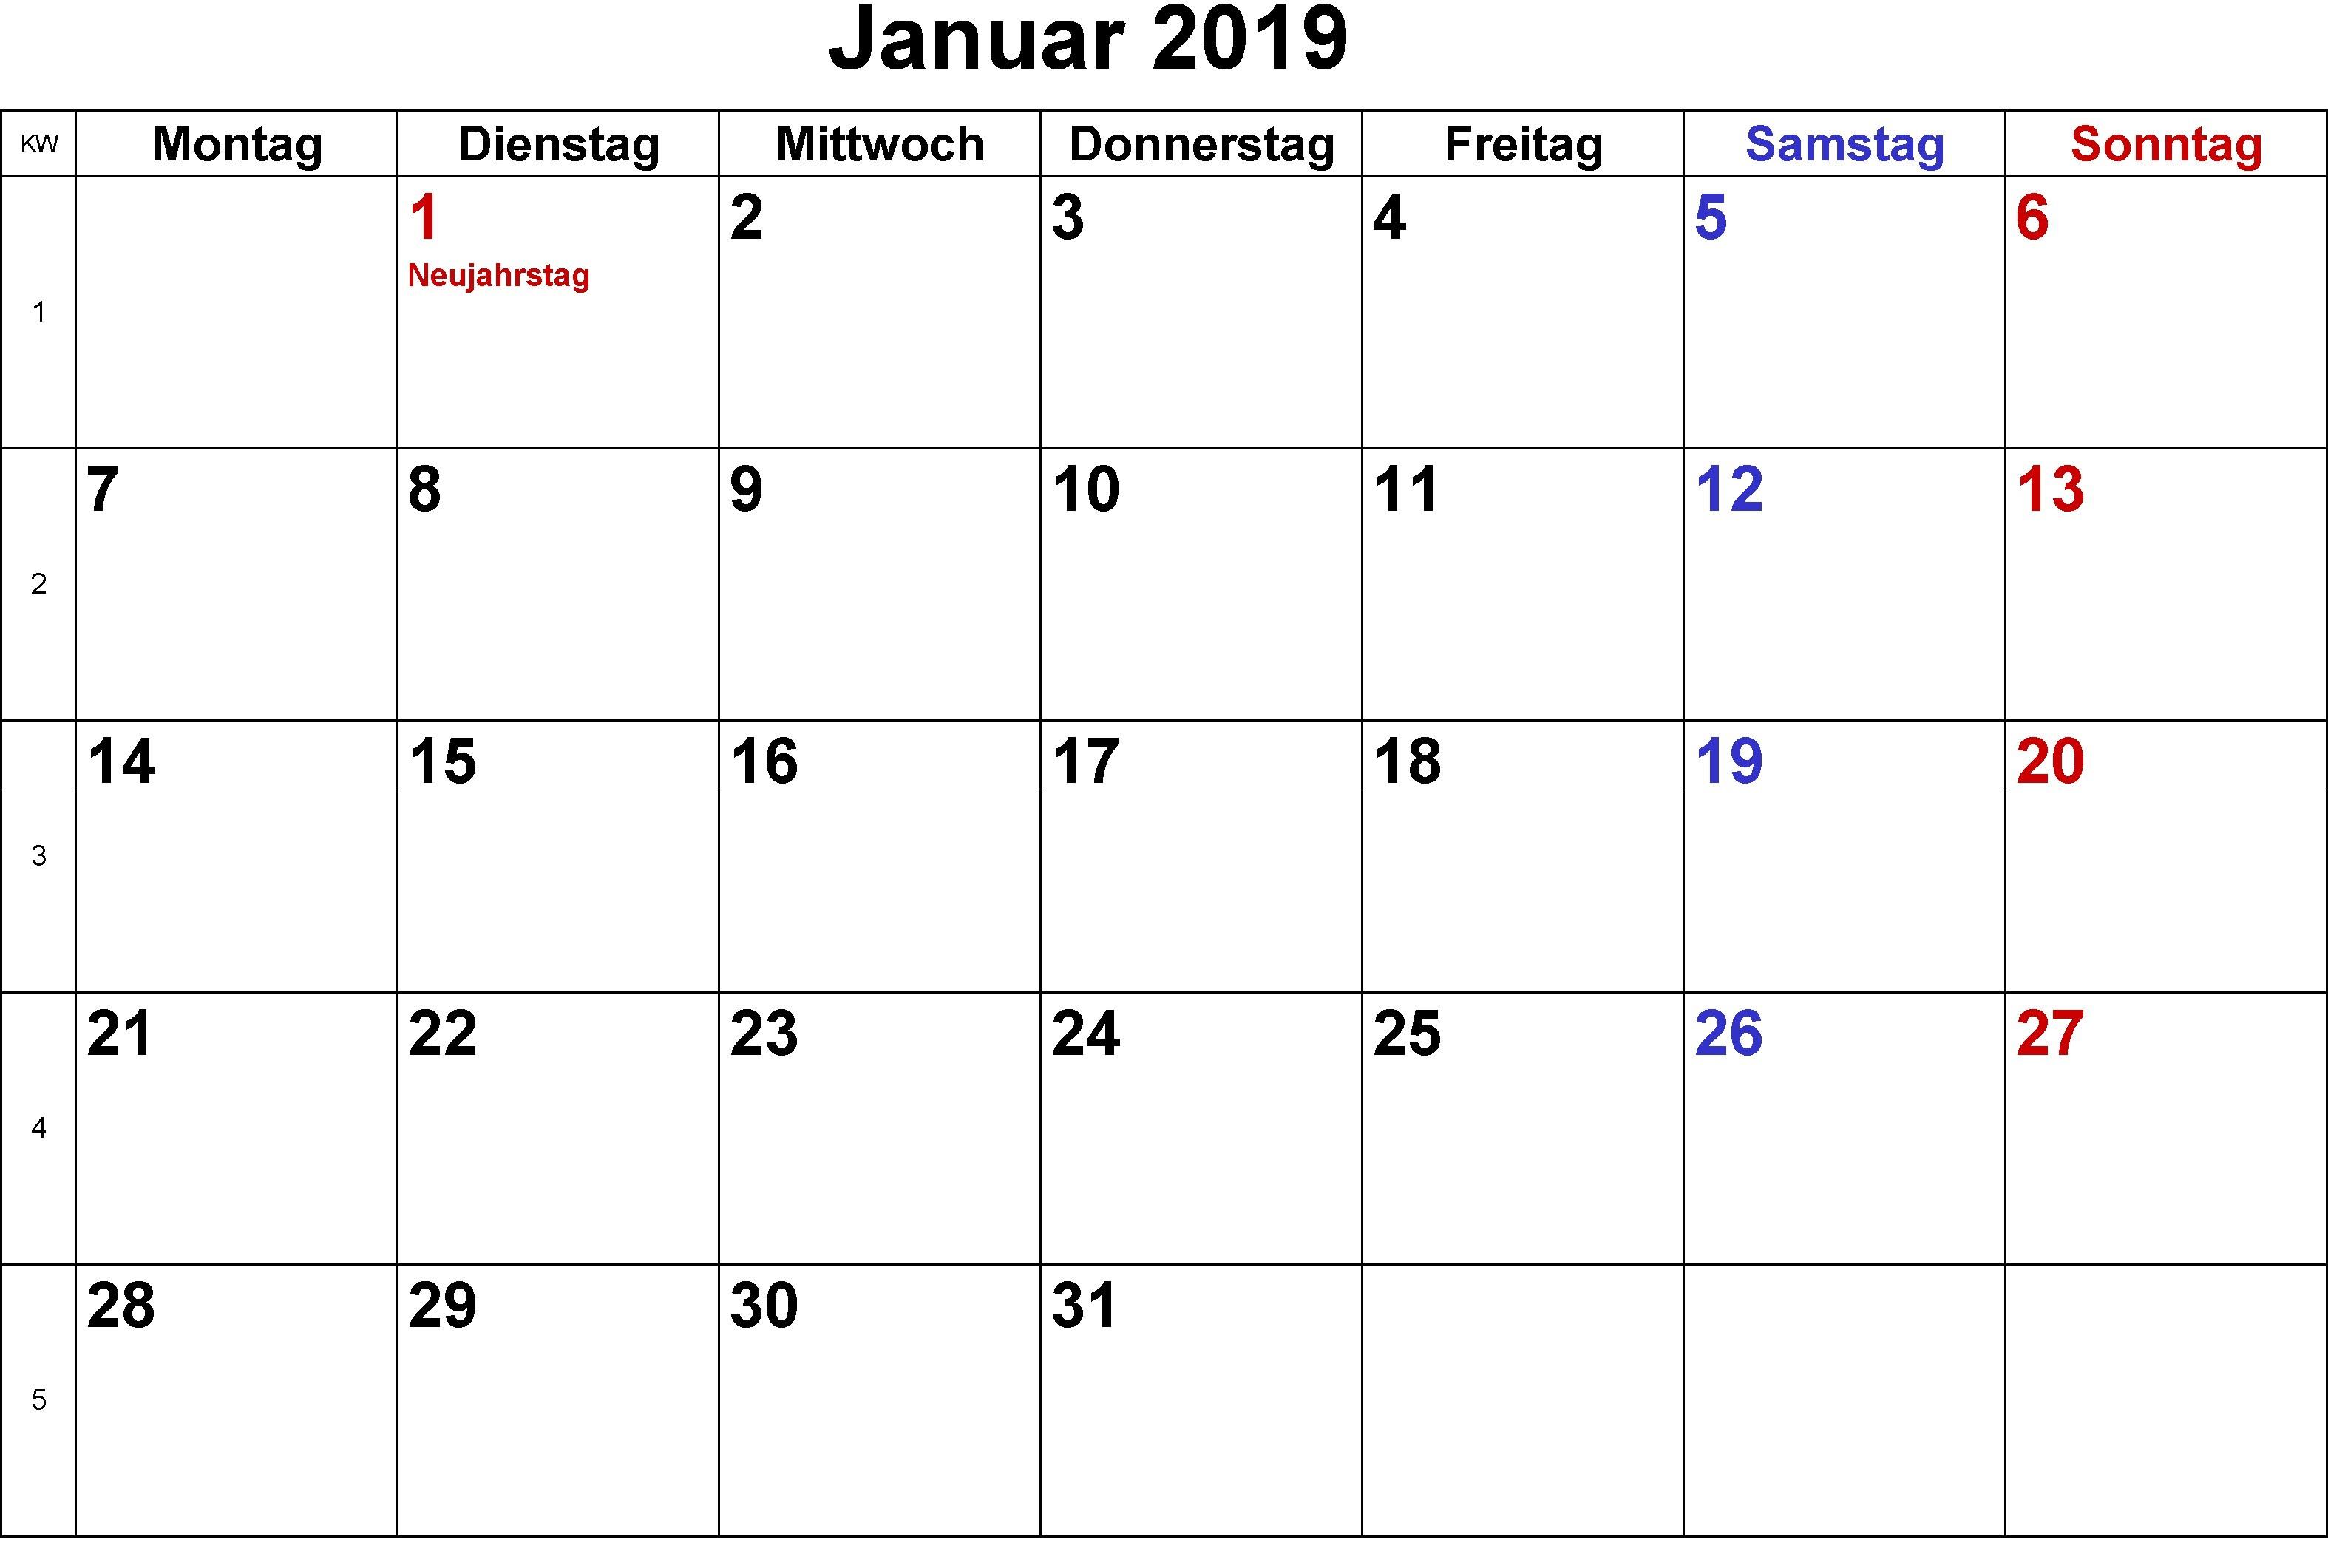 Calendario Para Imprimir Gratis Junio 2017 Más Caliente Actualidad Calendario Para Imprimir De 2019 Of Calendario Para Imprimir Gratis Junio 2017 Más Populares Calendario Para Imprimir 2019 Enero Calendario Imprimir Enero